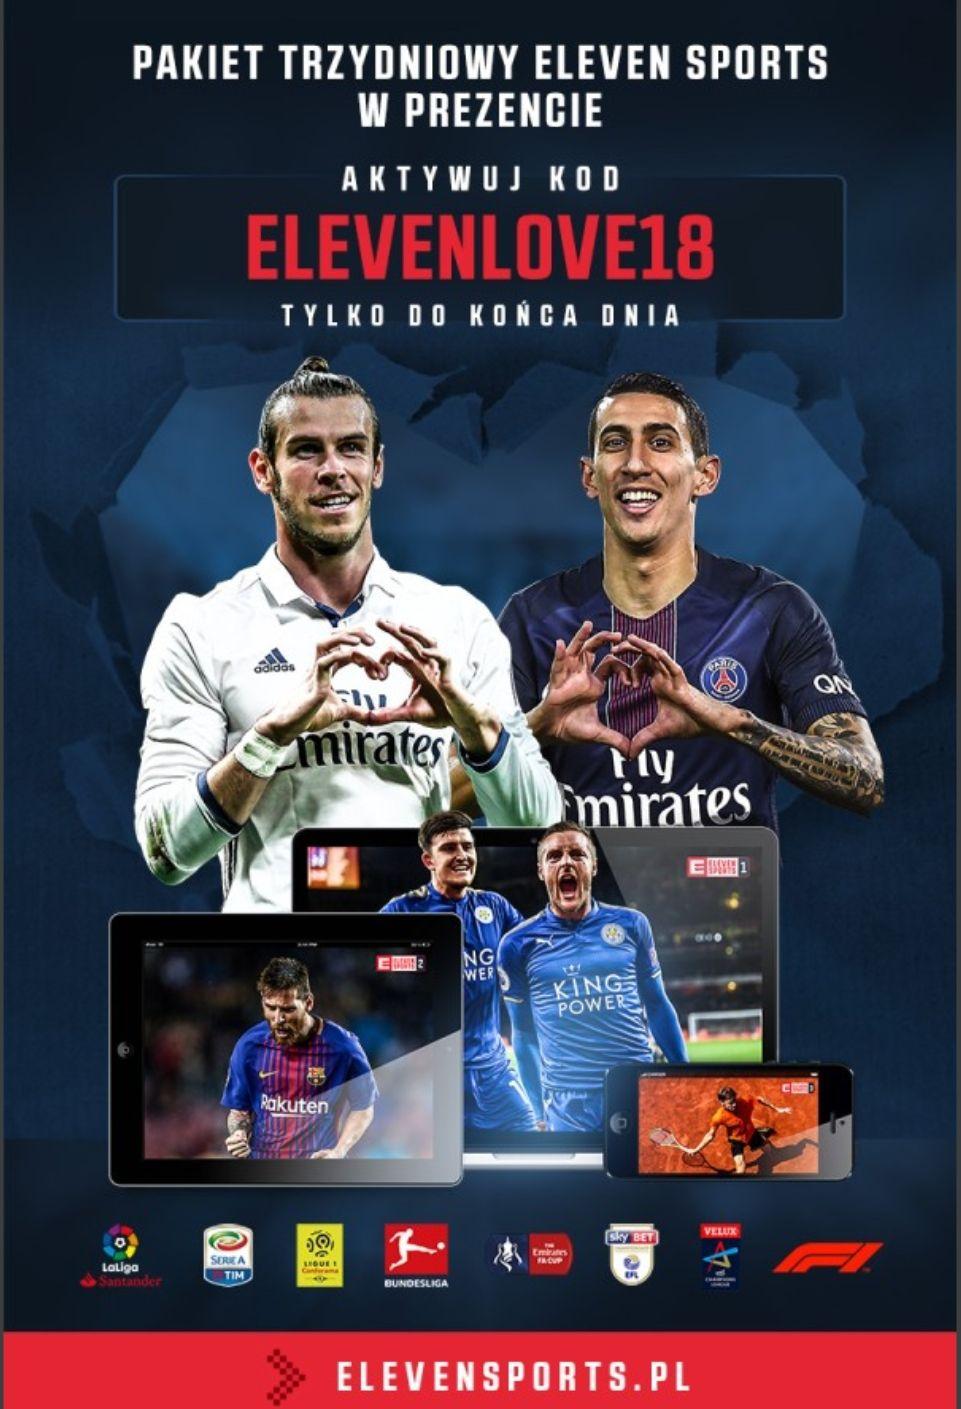 3 DNI Eleven Sports za DARMO!